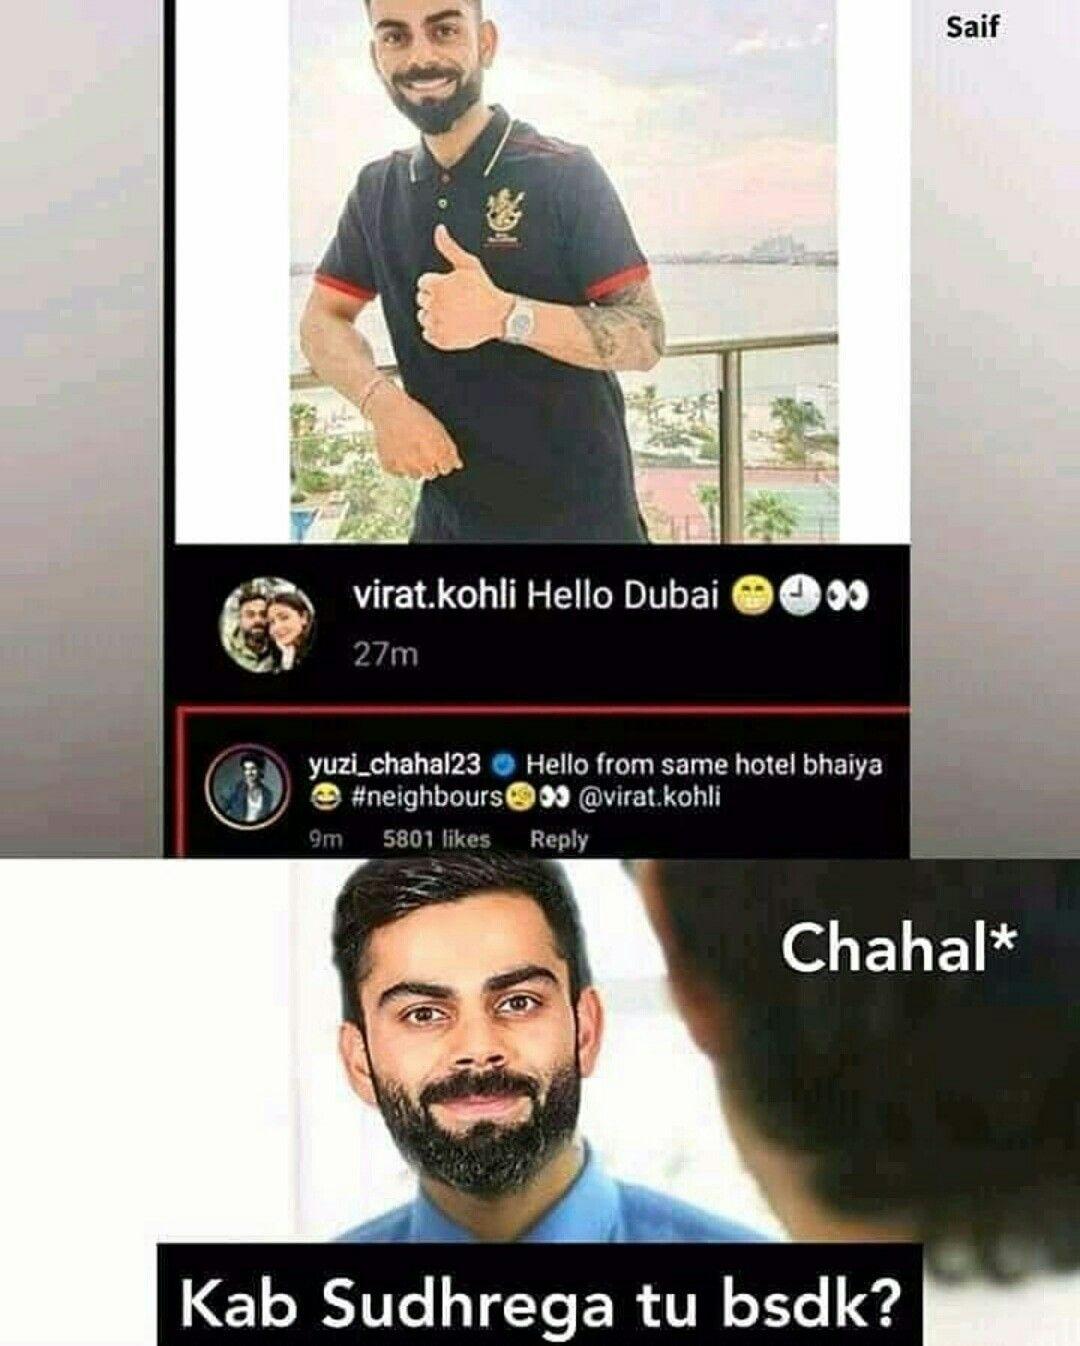 Virat Kohli Vs Yuzi Chahal Memes Rcb Memes Ipl 2020 Memes Crickets Funny Funny Relatable Memes Fun Quotes Funny